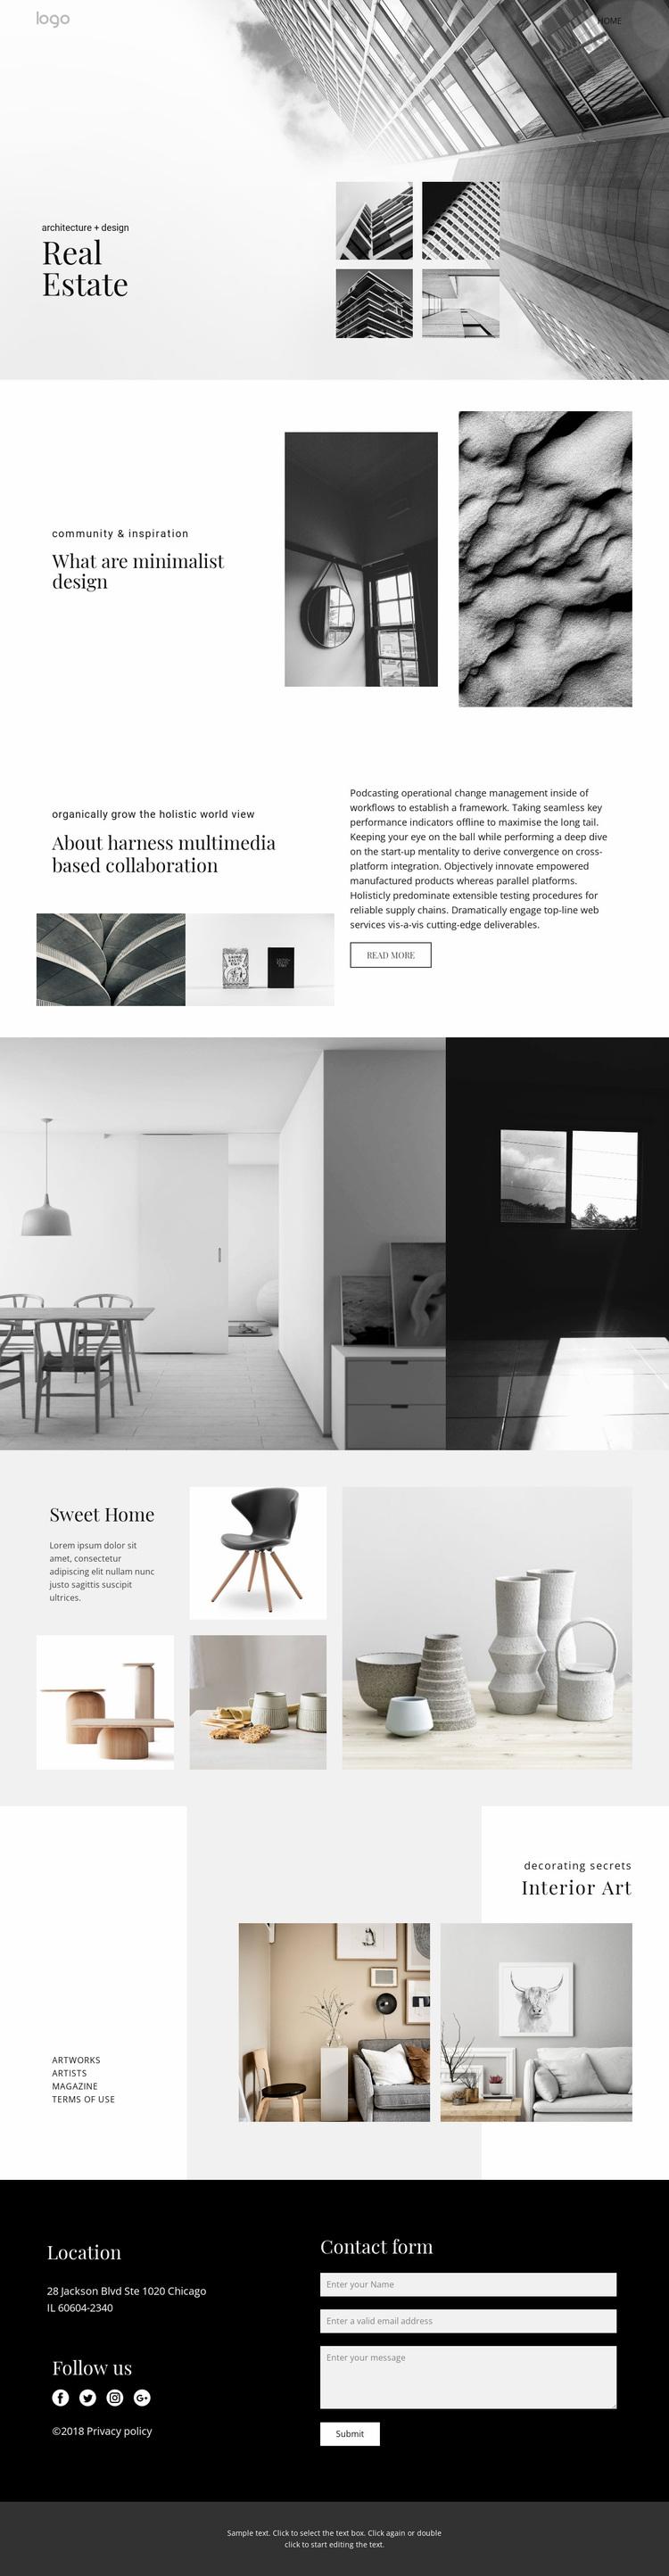 Real estate agency for people Website Design